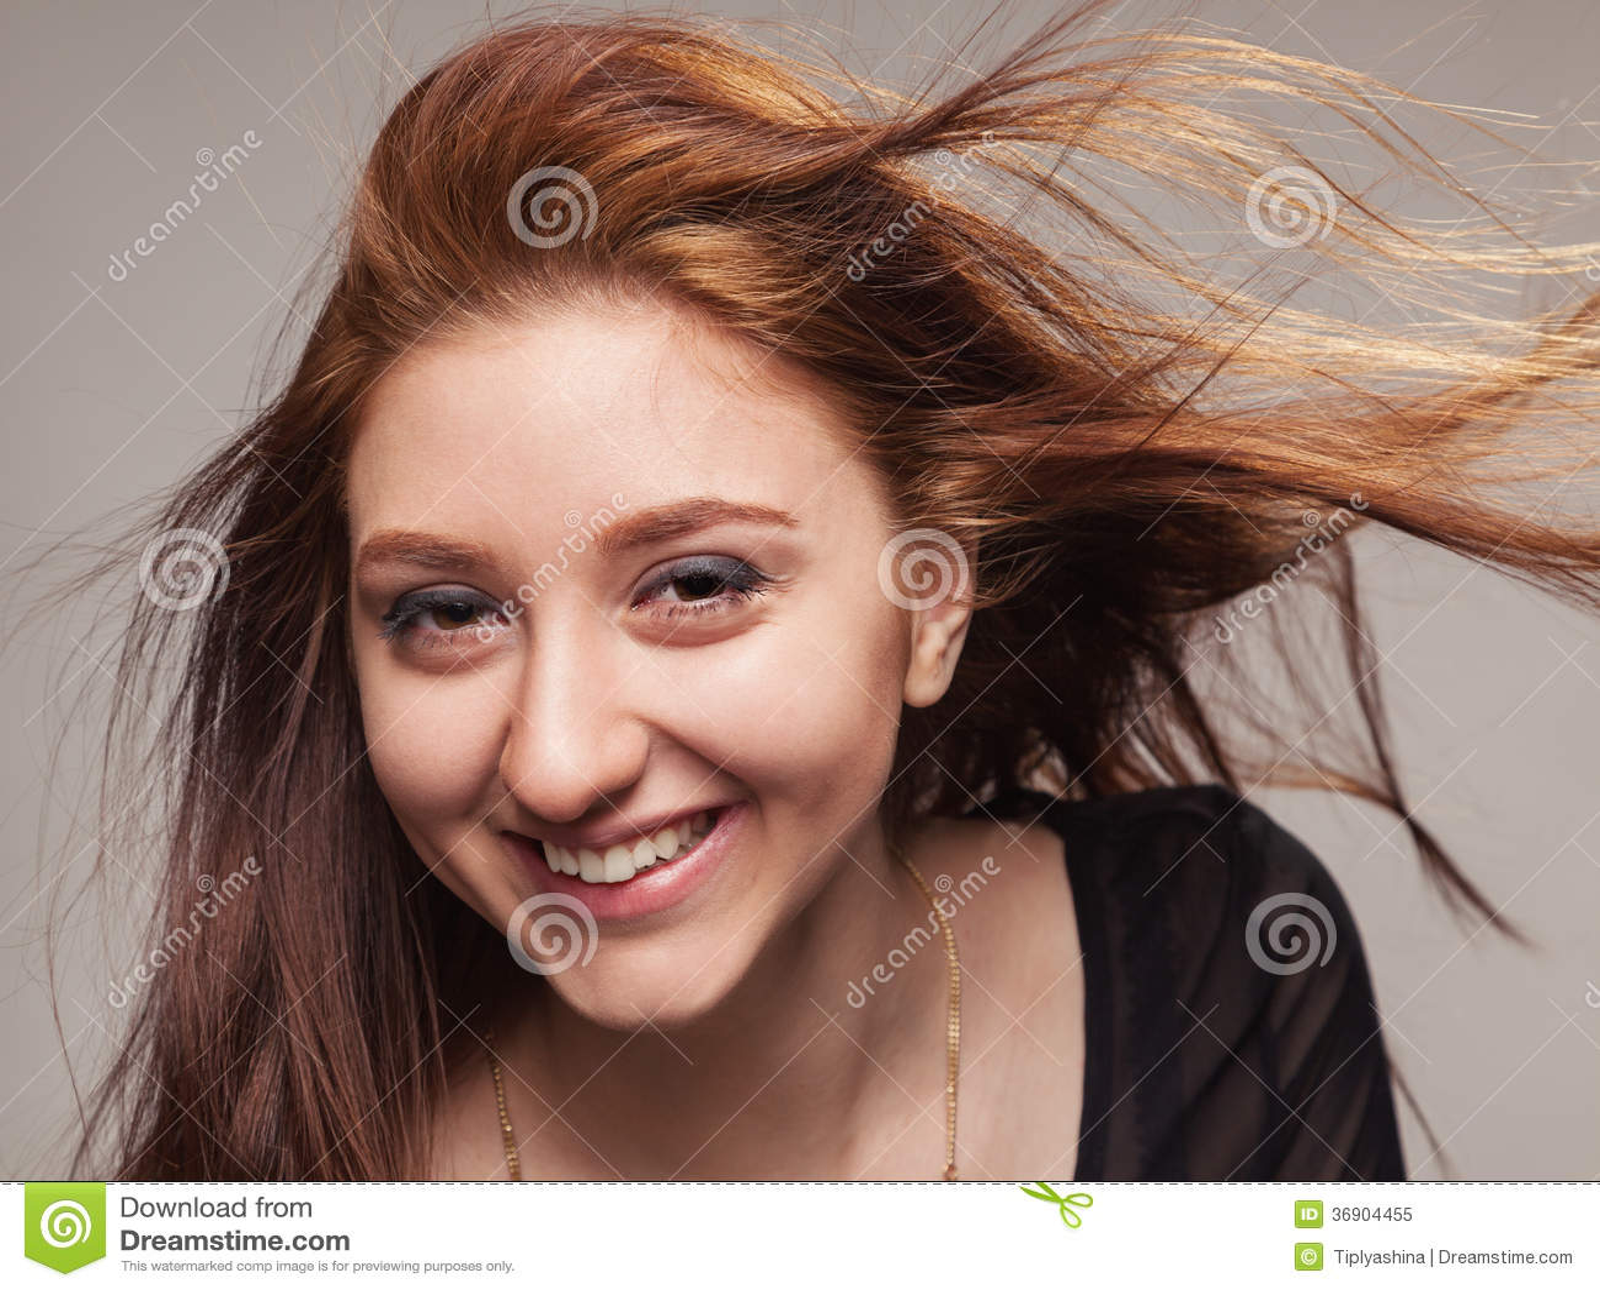 Zamknięty portret piękna dziewczyna z trzepotliwym włosy.